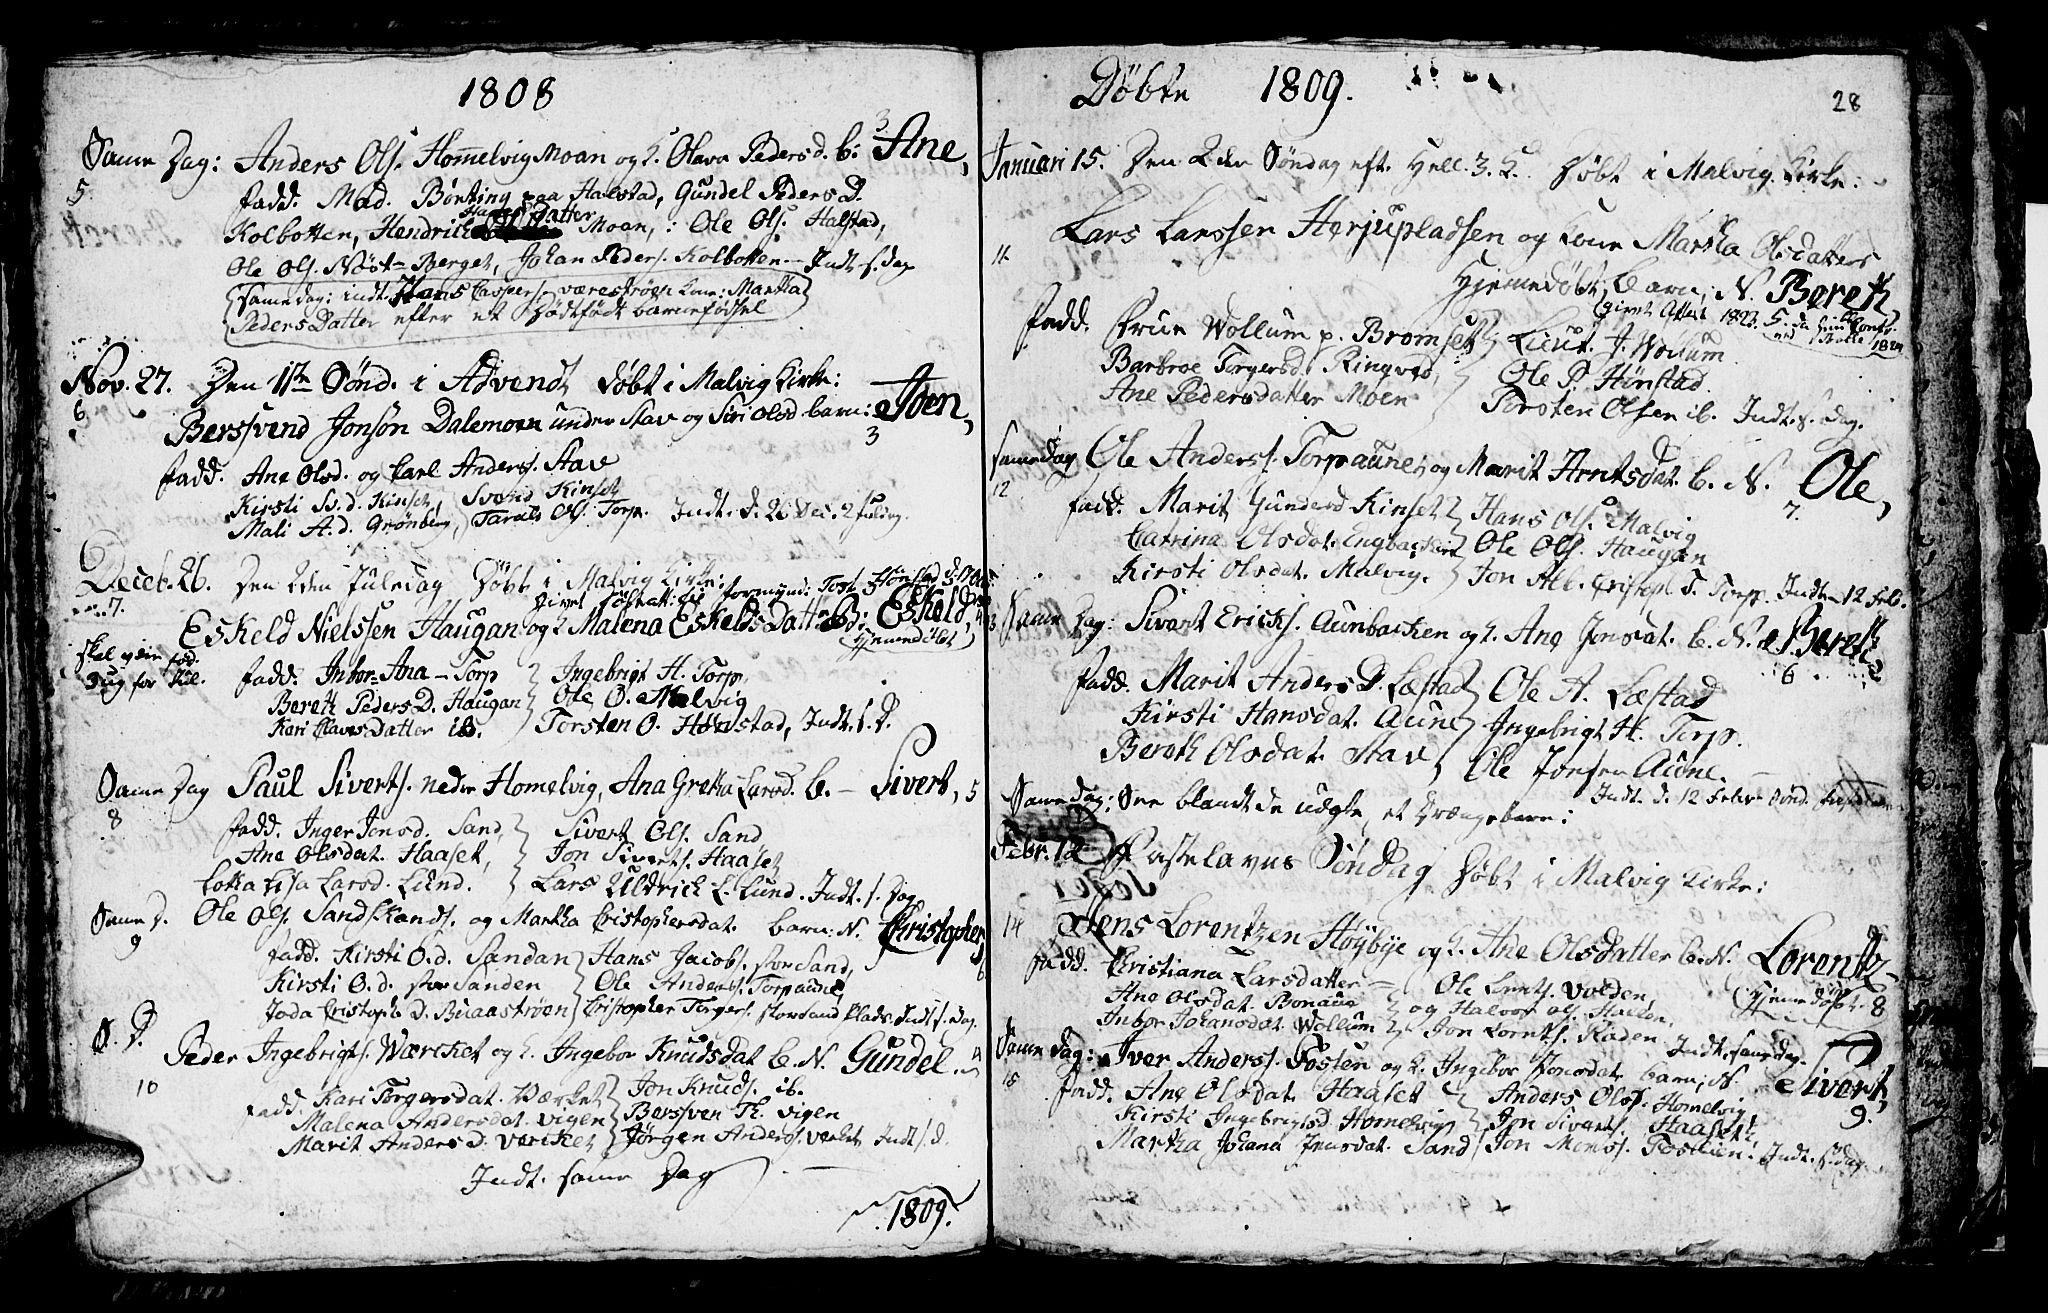 SAT, Ministerialprotokoller, klokkerbøker og fødselsregistre - Sør-Trøndelag, 616/L0419: Klokkerbok nr. 616C02, 1797-1816, s. 28